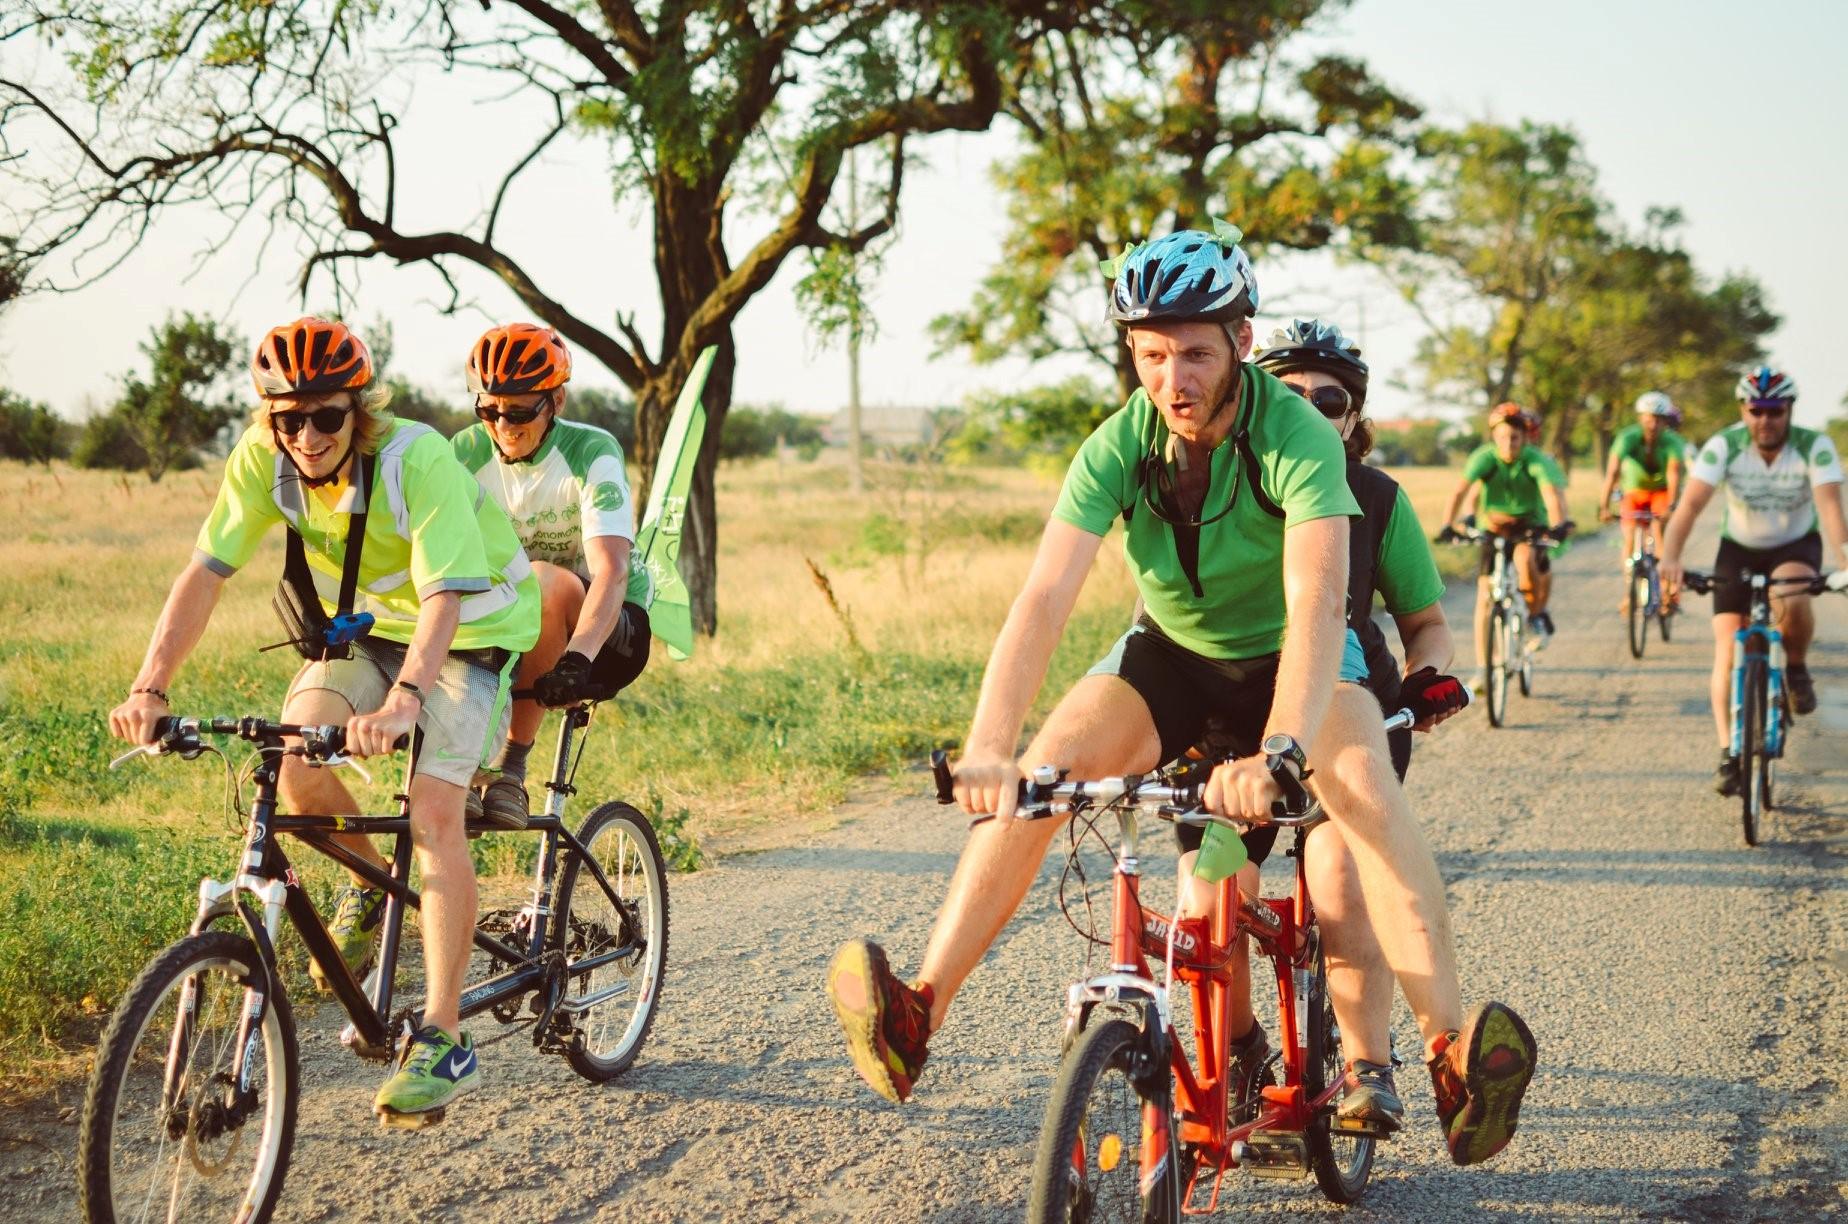 Maraton Rowerowy będzie trwał od 27 sierpnia do 19 września 2019, a jego uczestnikami będą osoby w wieku od 18 do 25 lat.